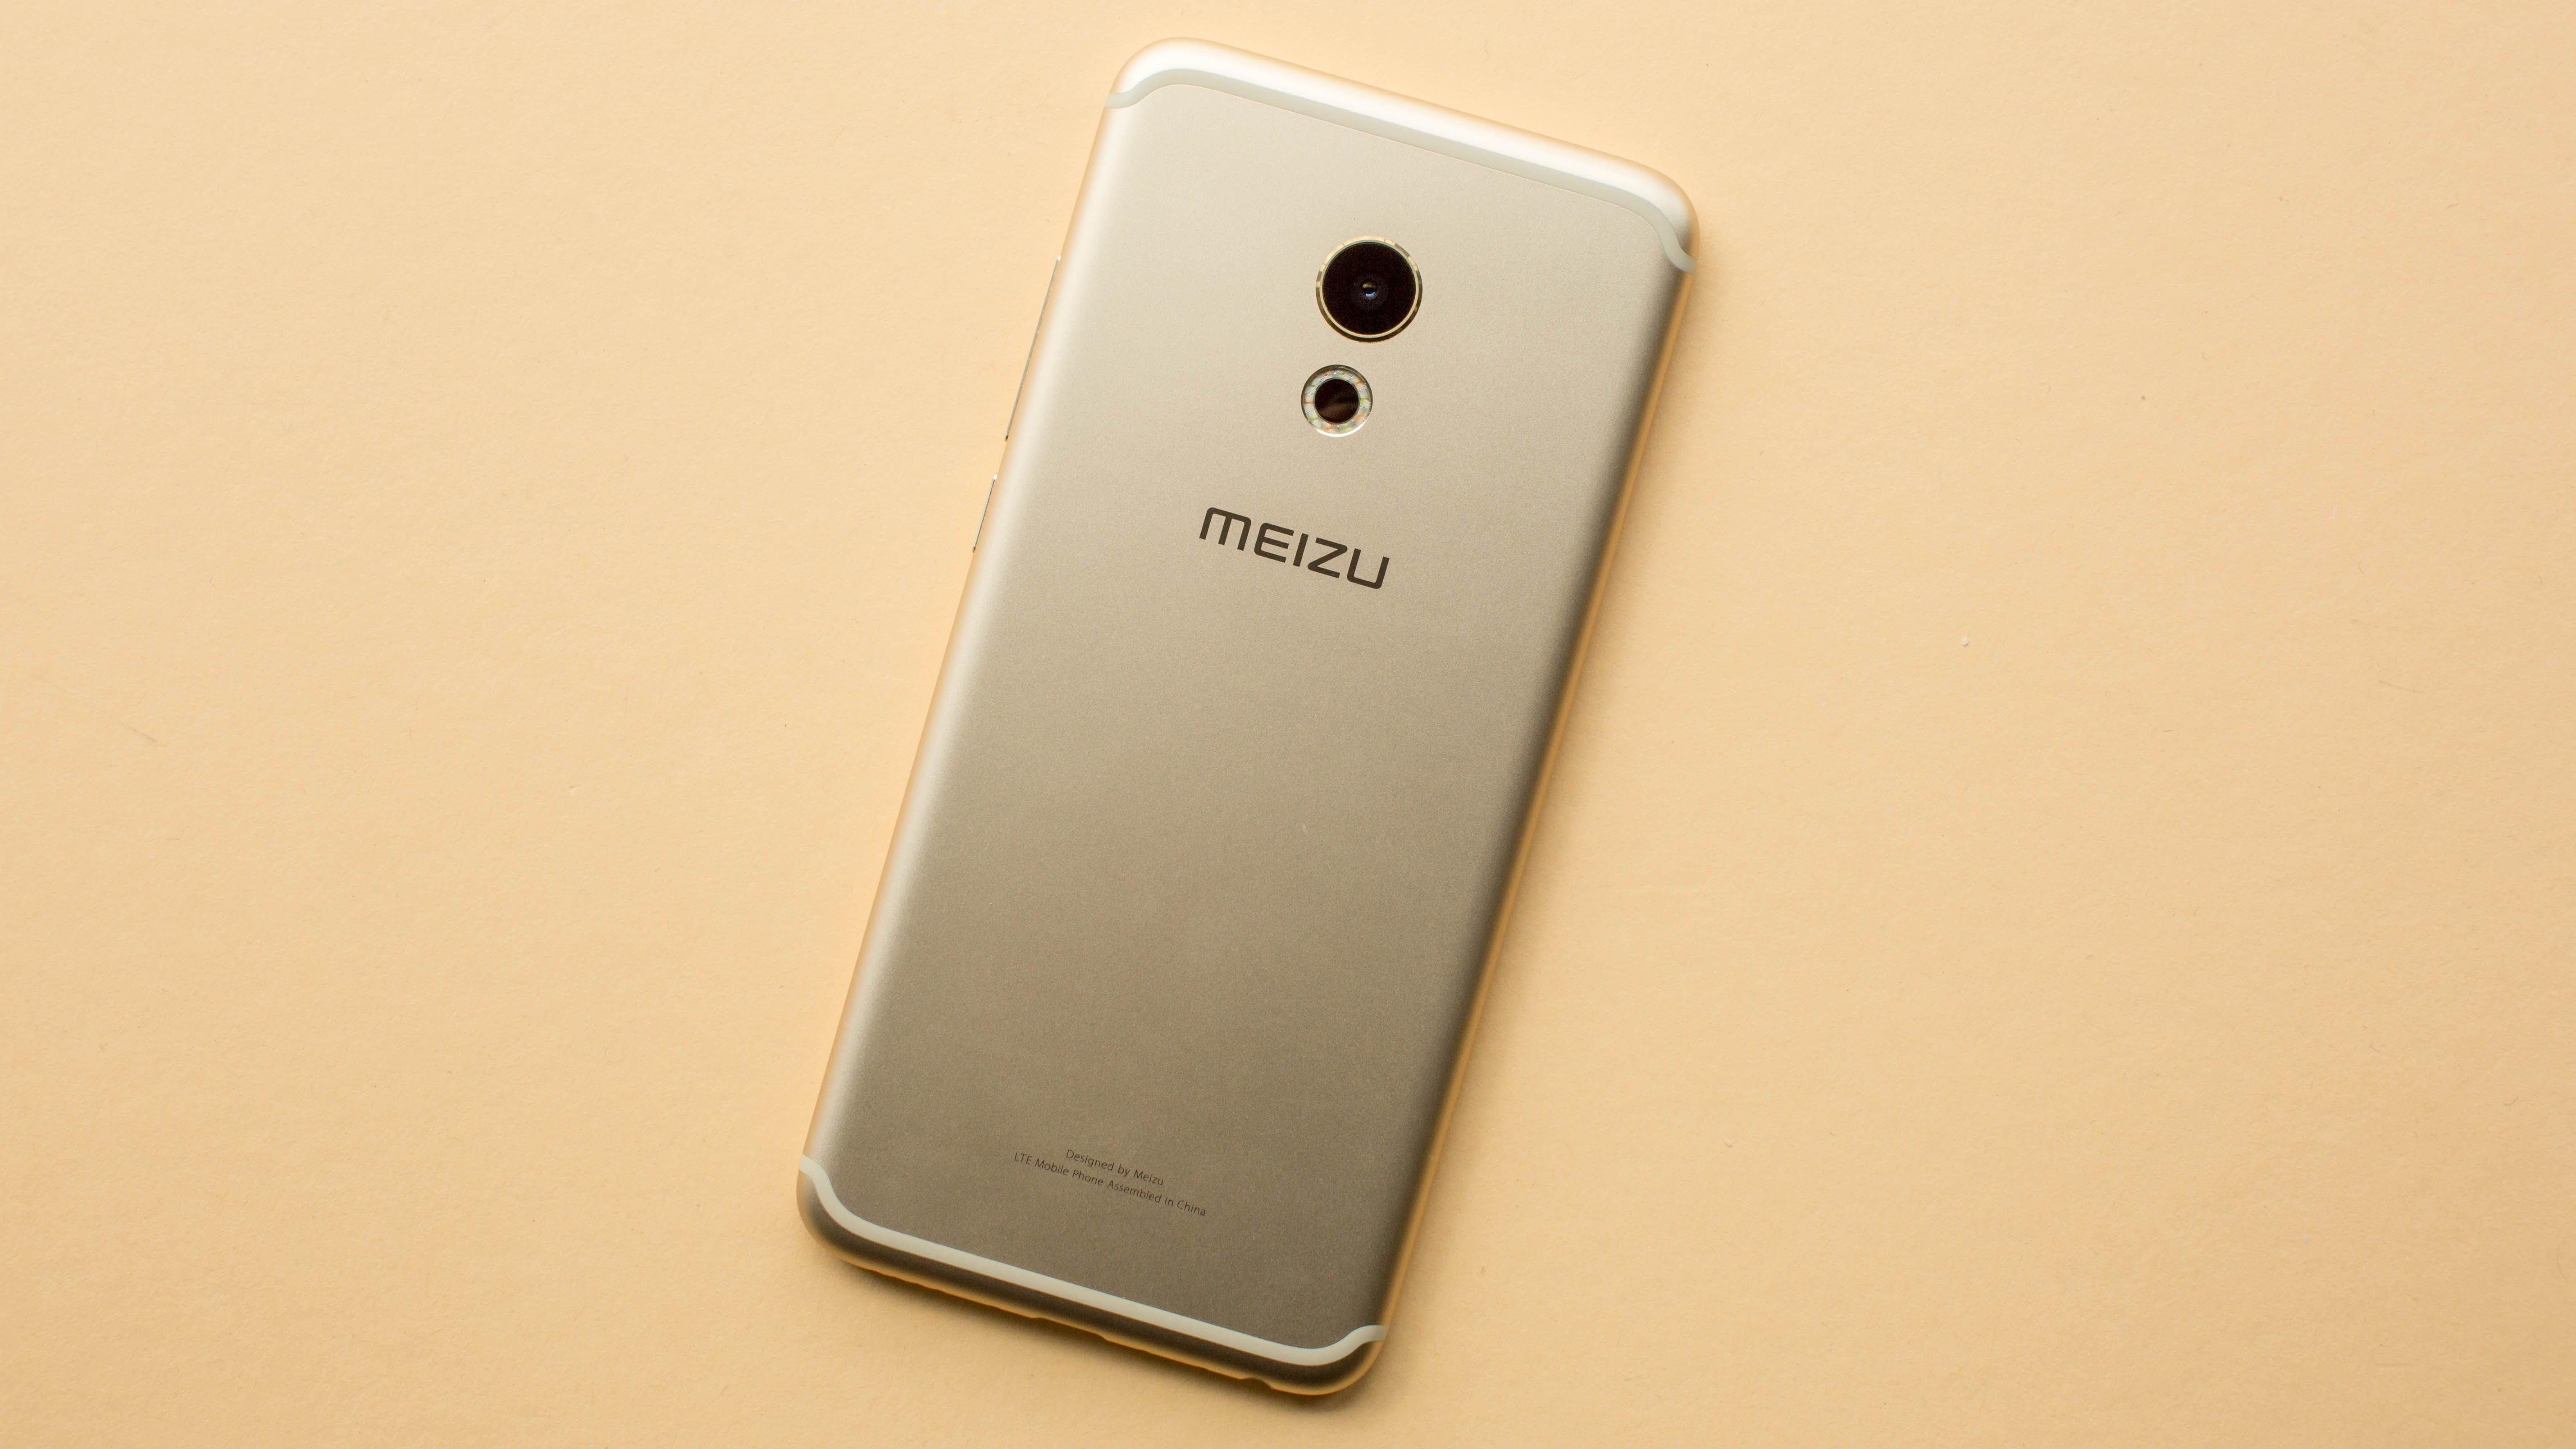 Quer Um Smartphone De At R1500 Ento Voc Precisa Conhecer O Meizu Mx6 32gb Ram 4gb Gold Androidpit